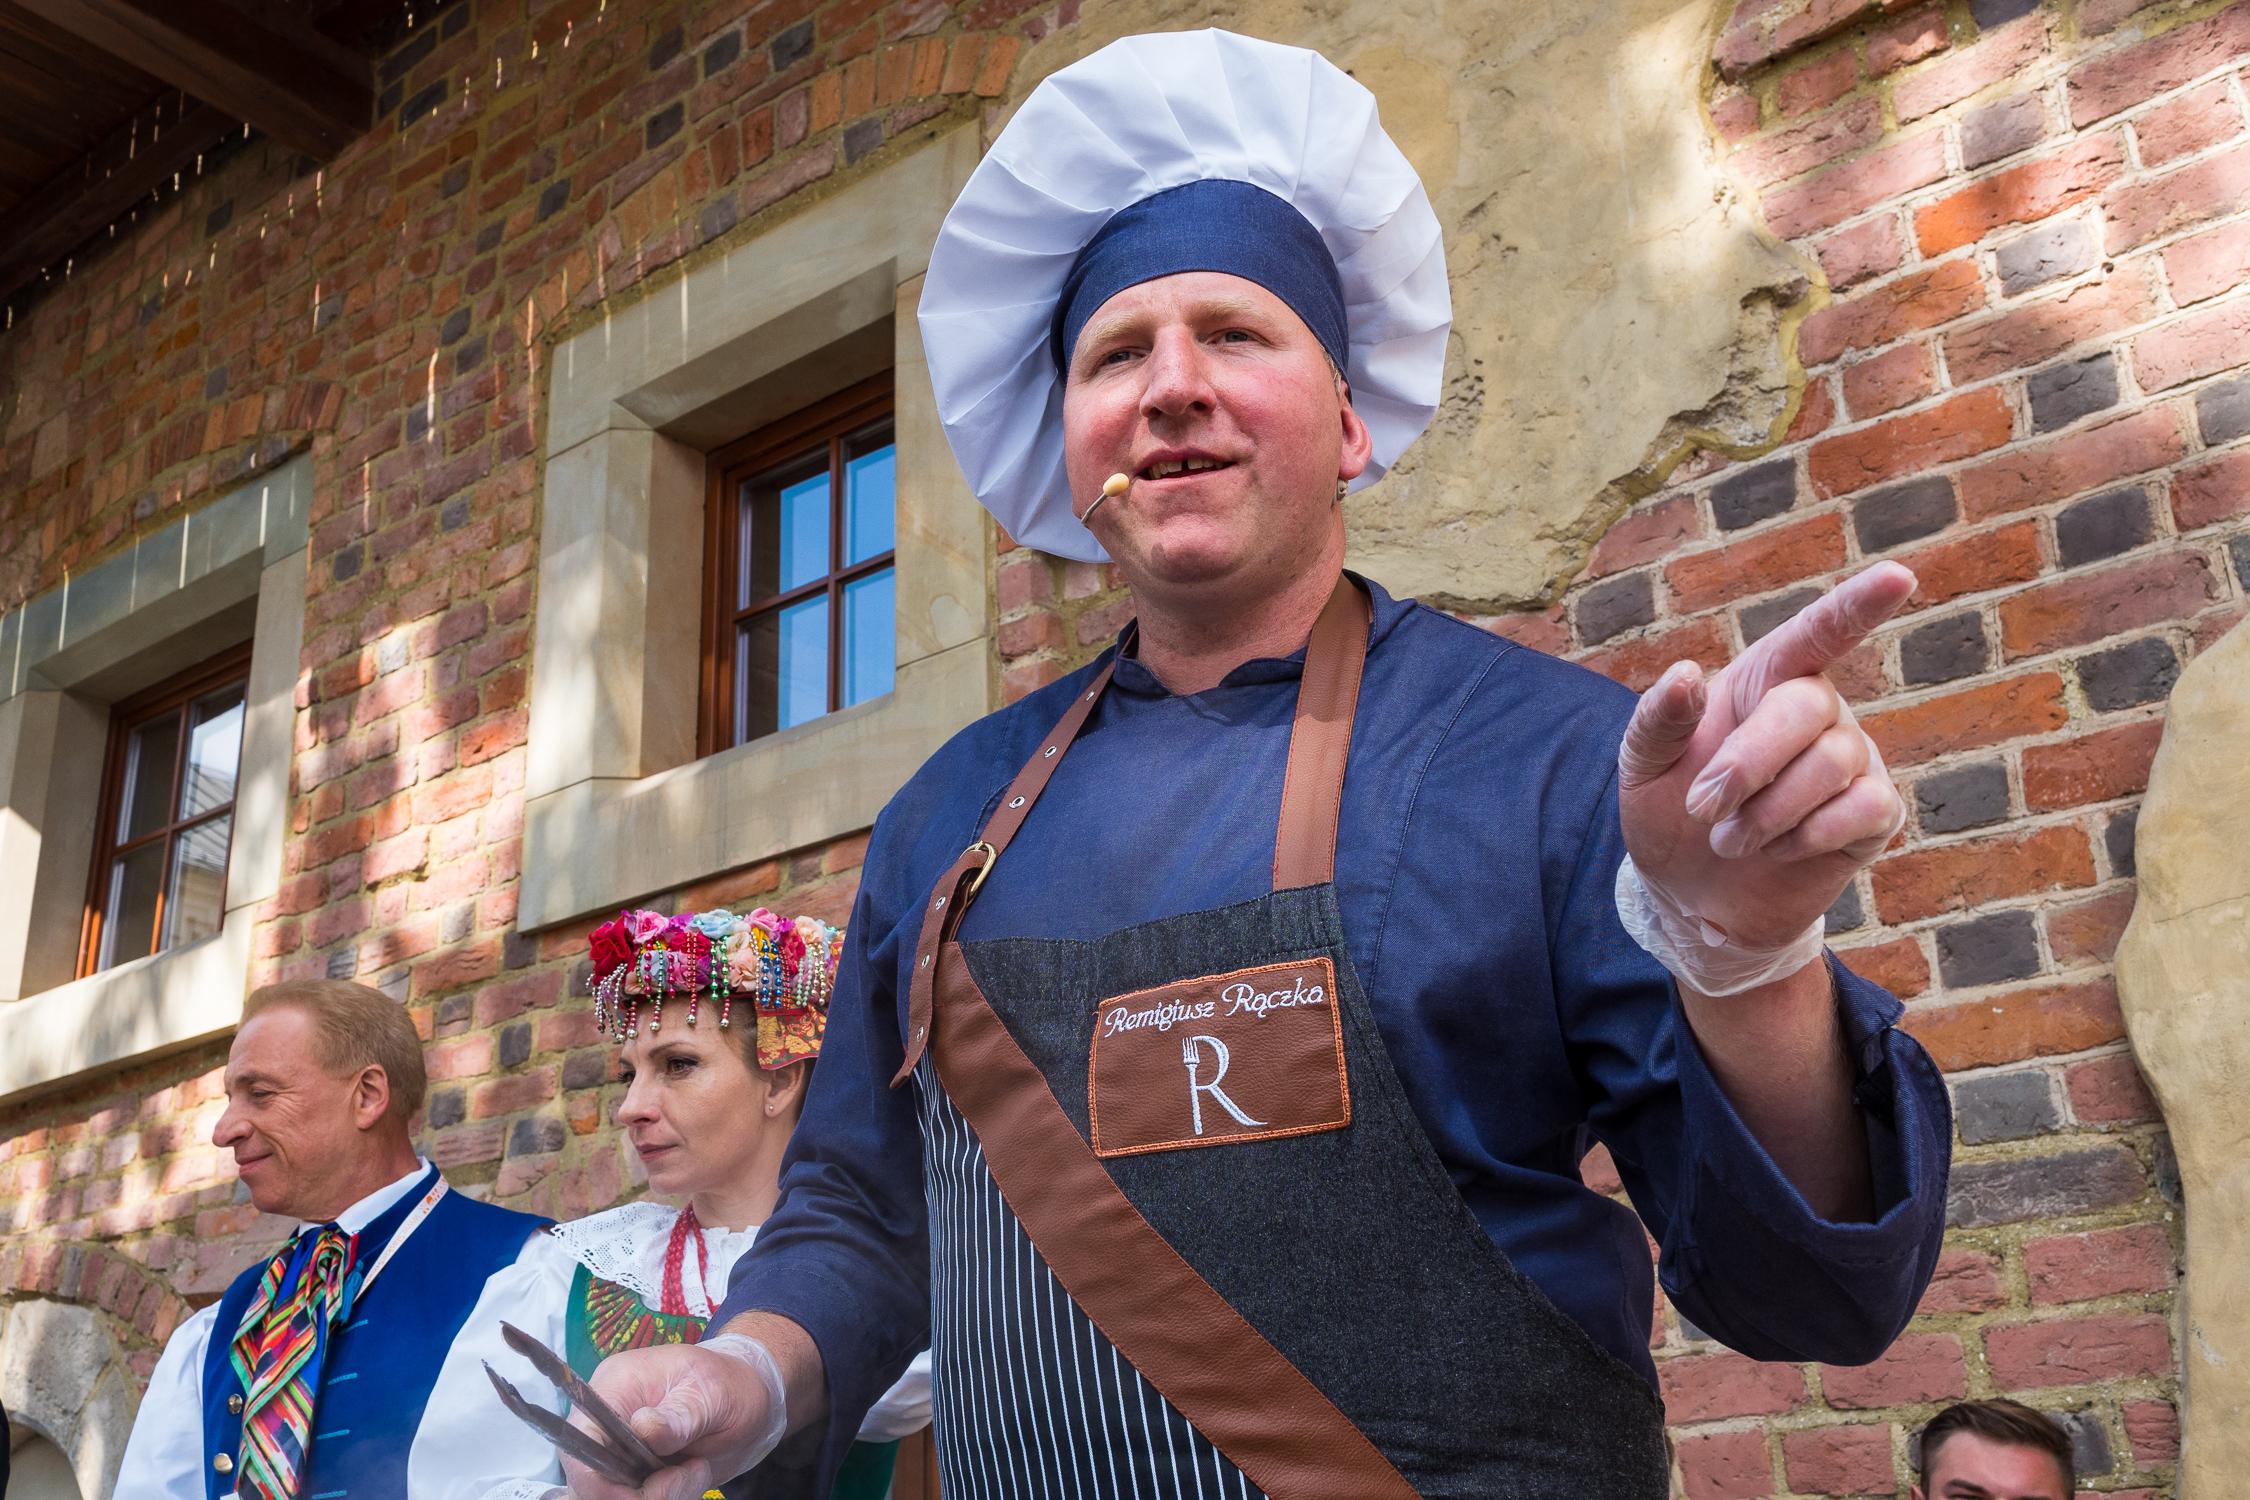 Remigiusz Rączka w pokazie kulinarnym Barbara lubi rabarbar